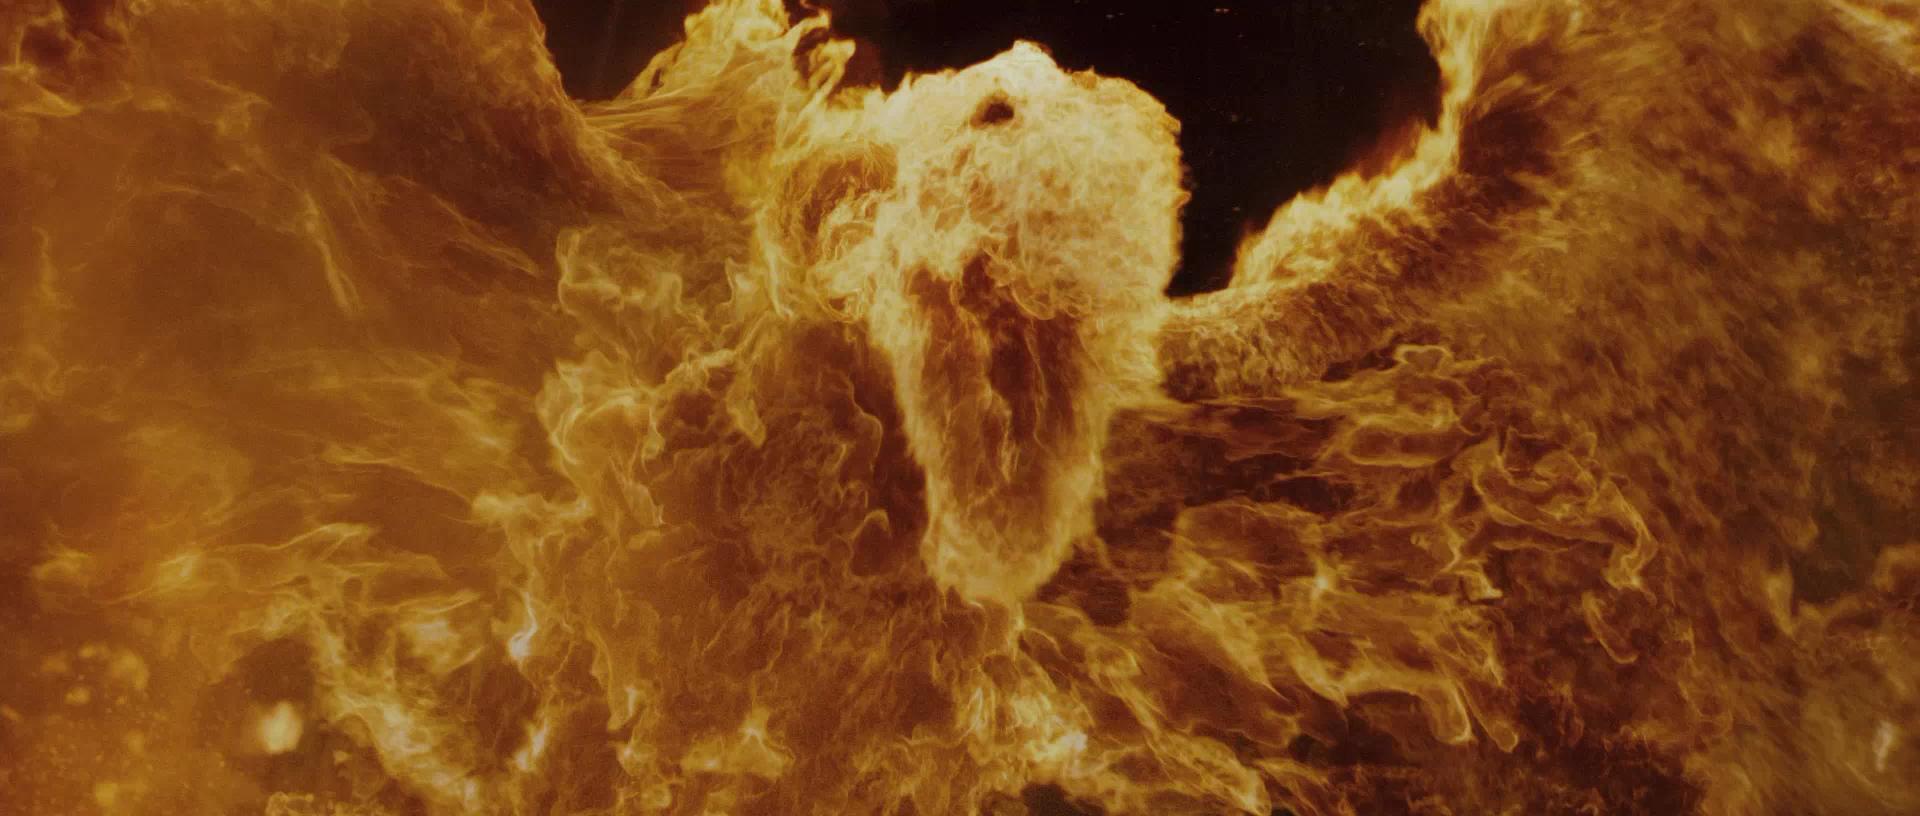 Fuego maligno